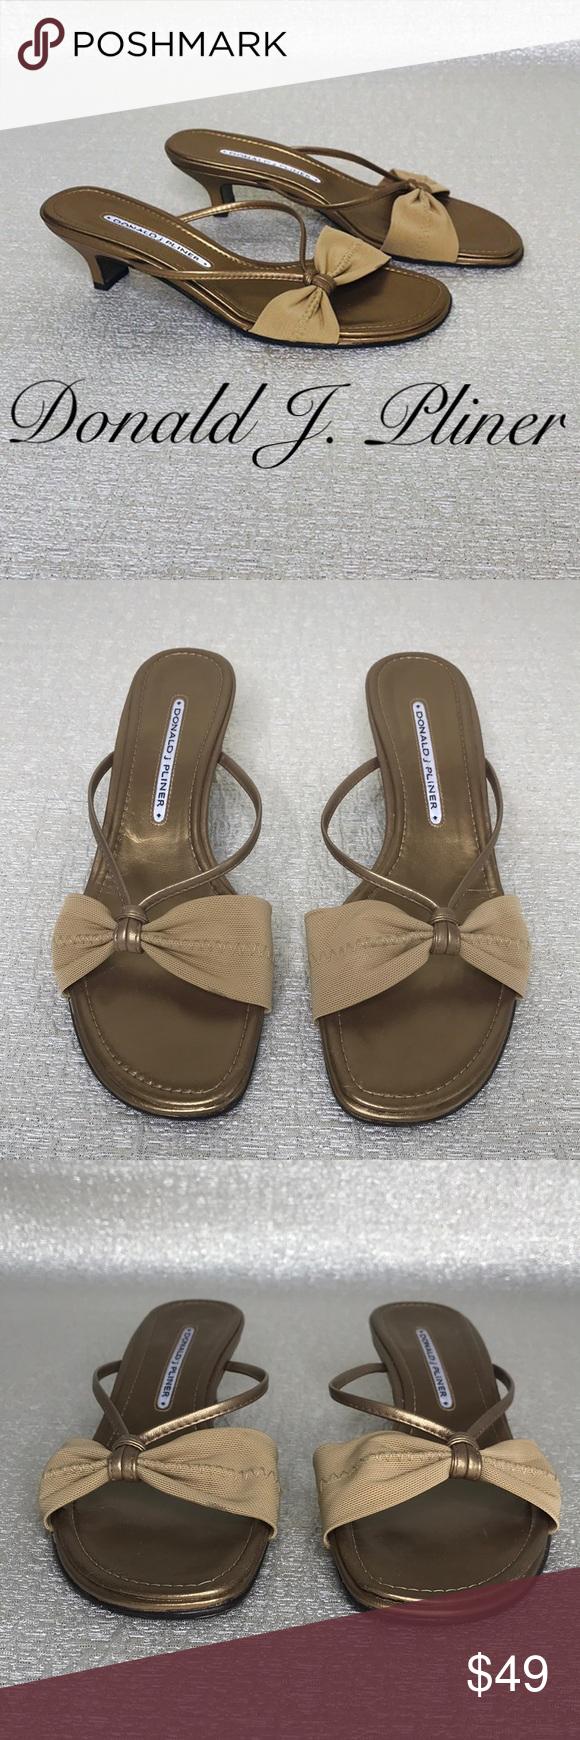 Donald J Pliner Gold Heeled Sandals Sandals Heels Gold Kitten Heels Gold Heels